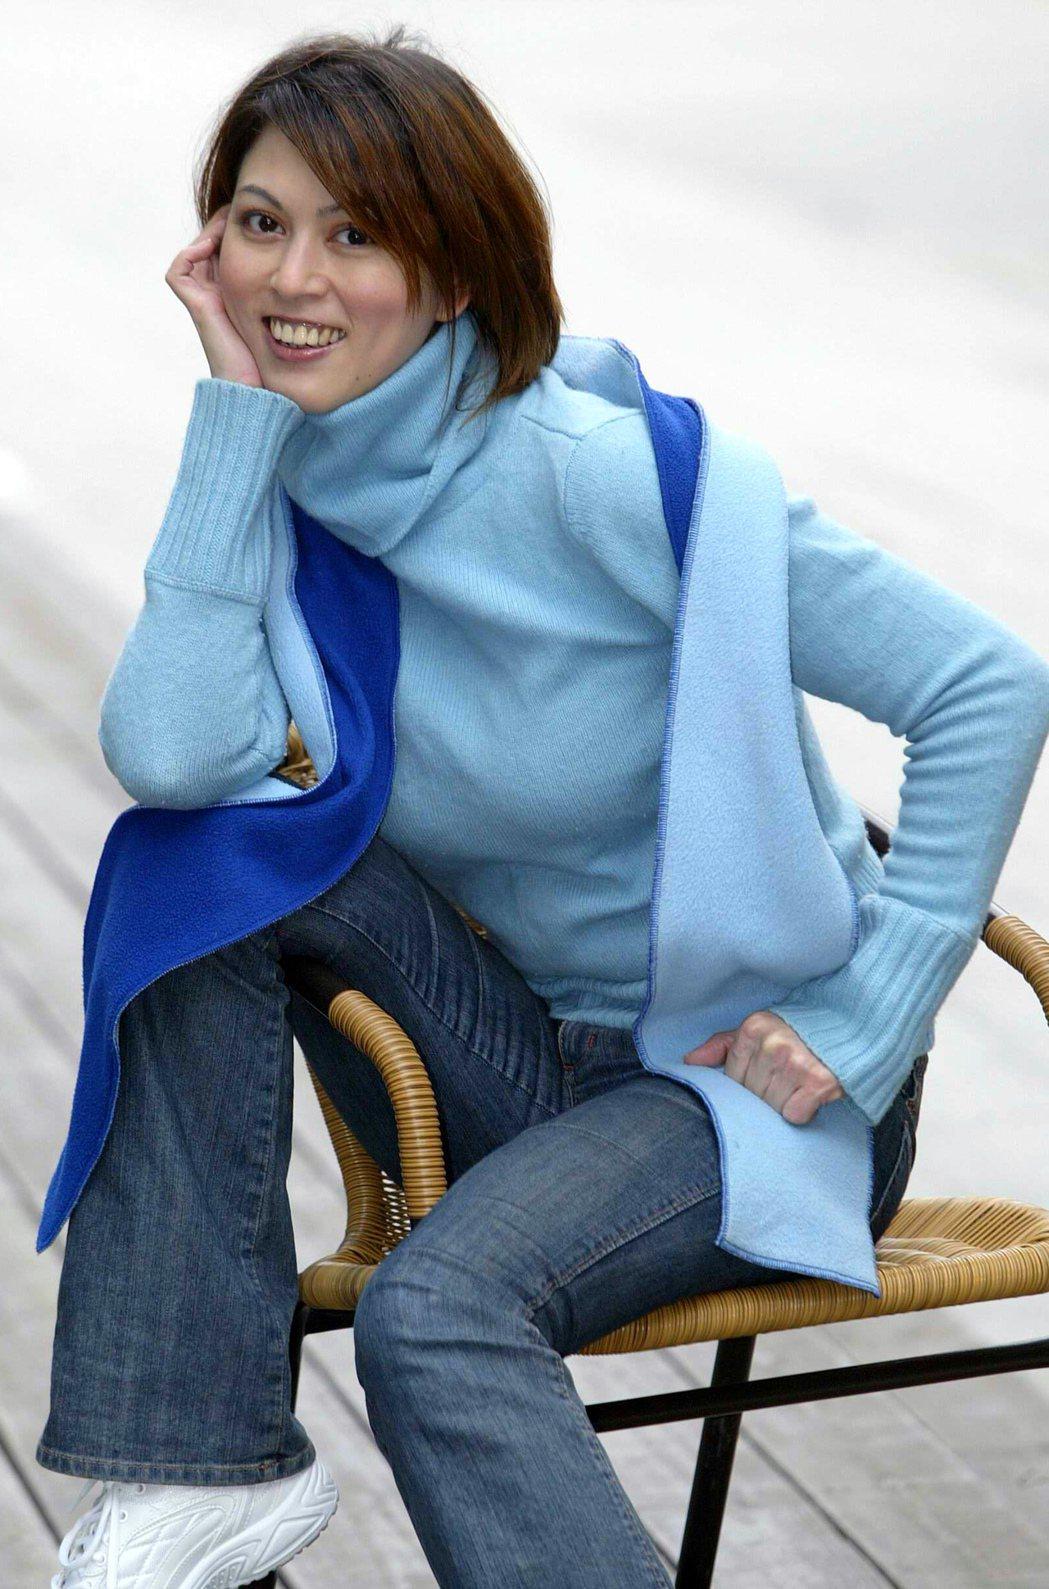 任潔玲多年前轉戰購物專家展開事業第二春,圖為2005年照。陳俊吉攝影 圖/聯合報...